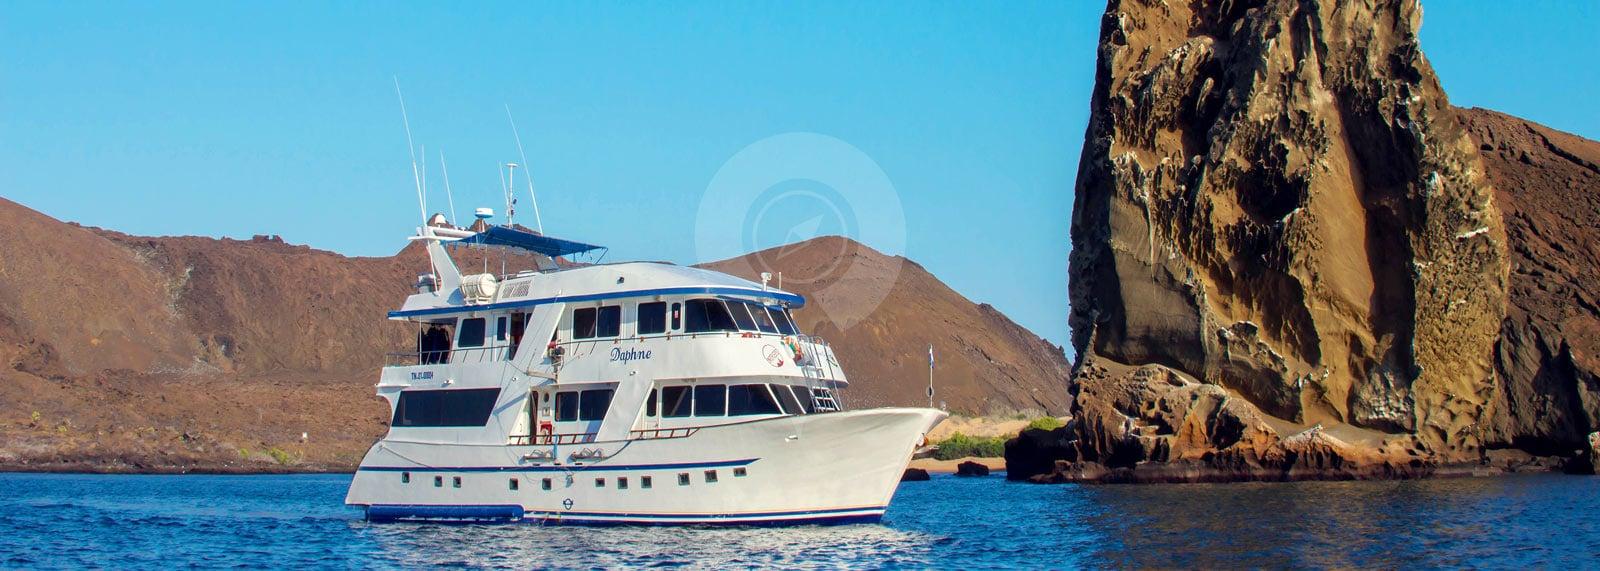 Daphne Galapagos Yacht